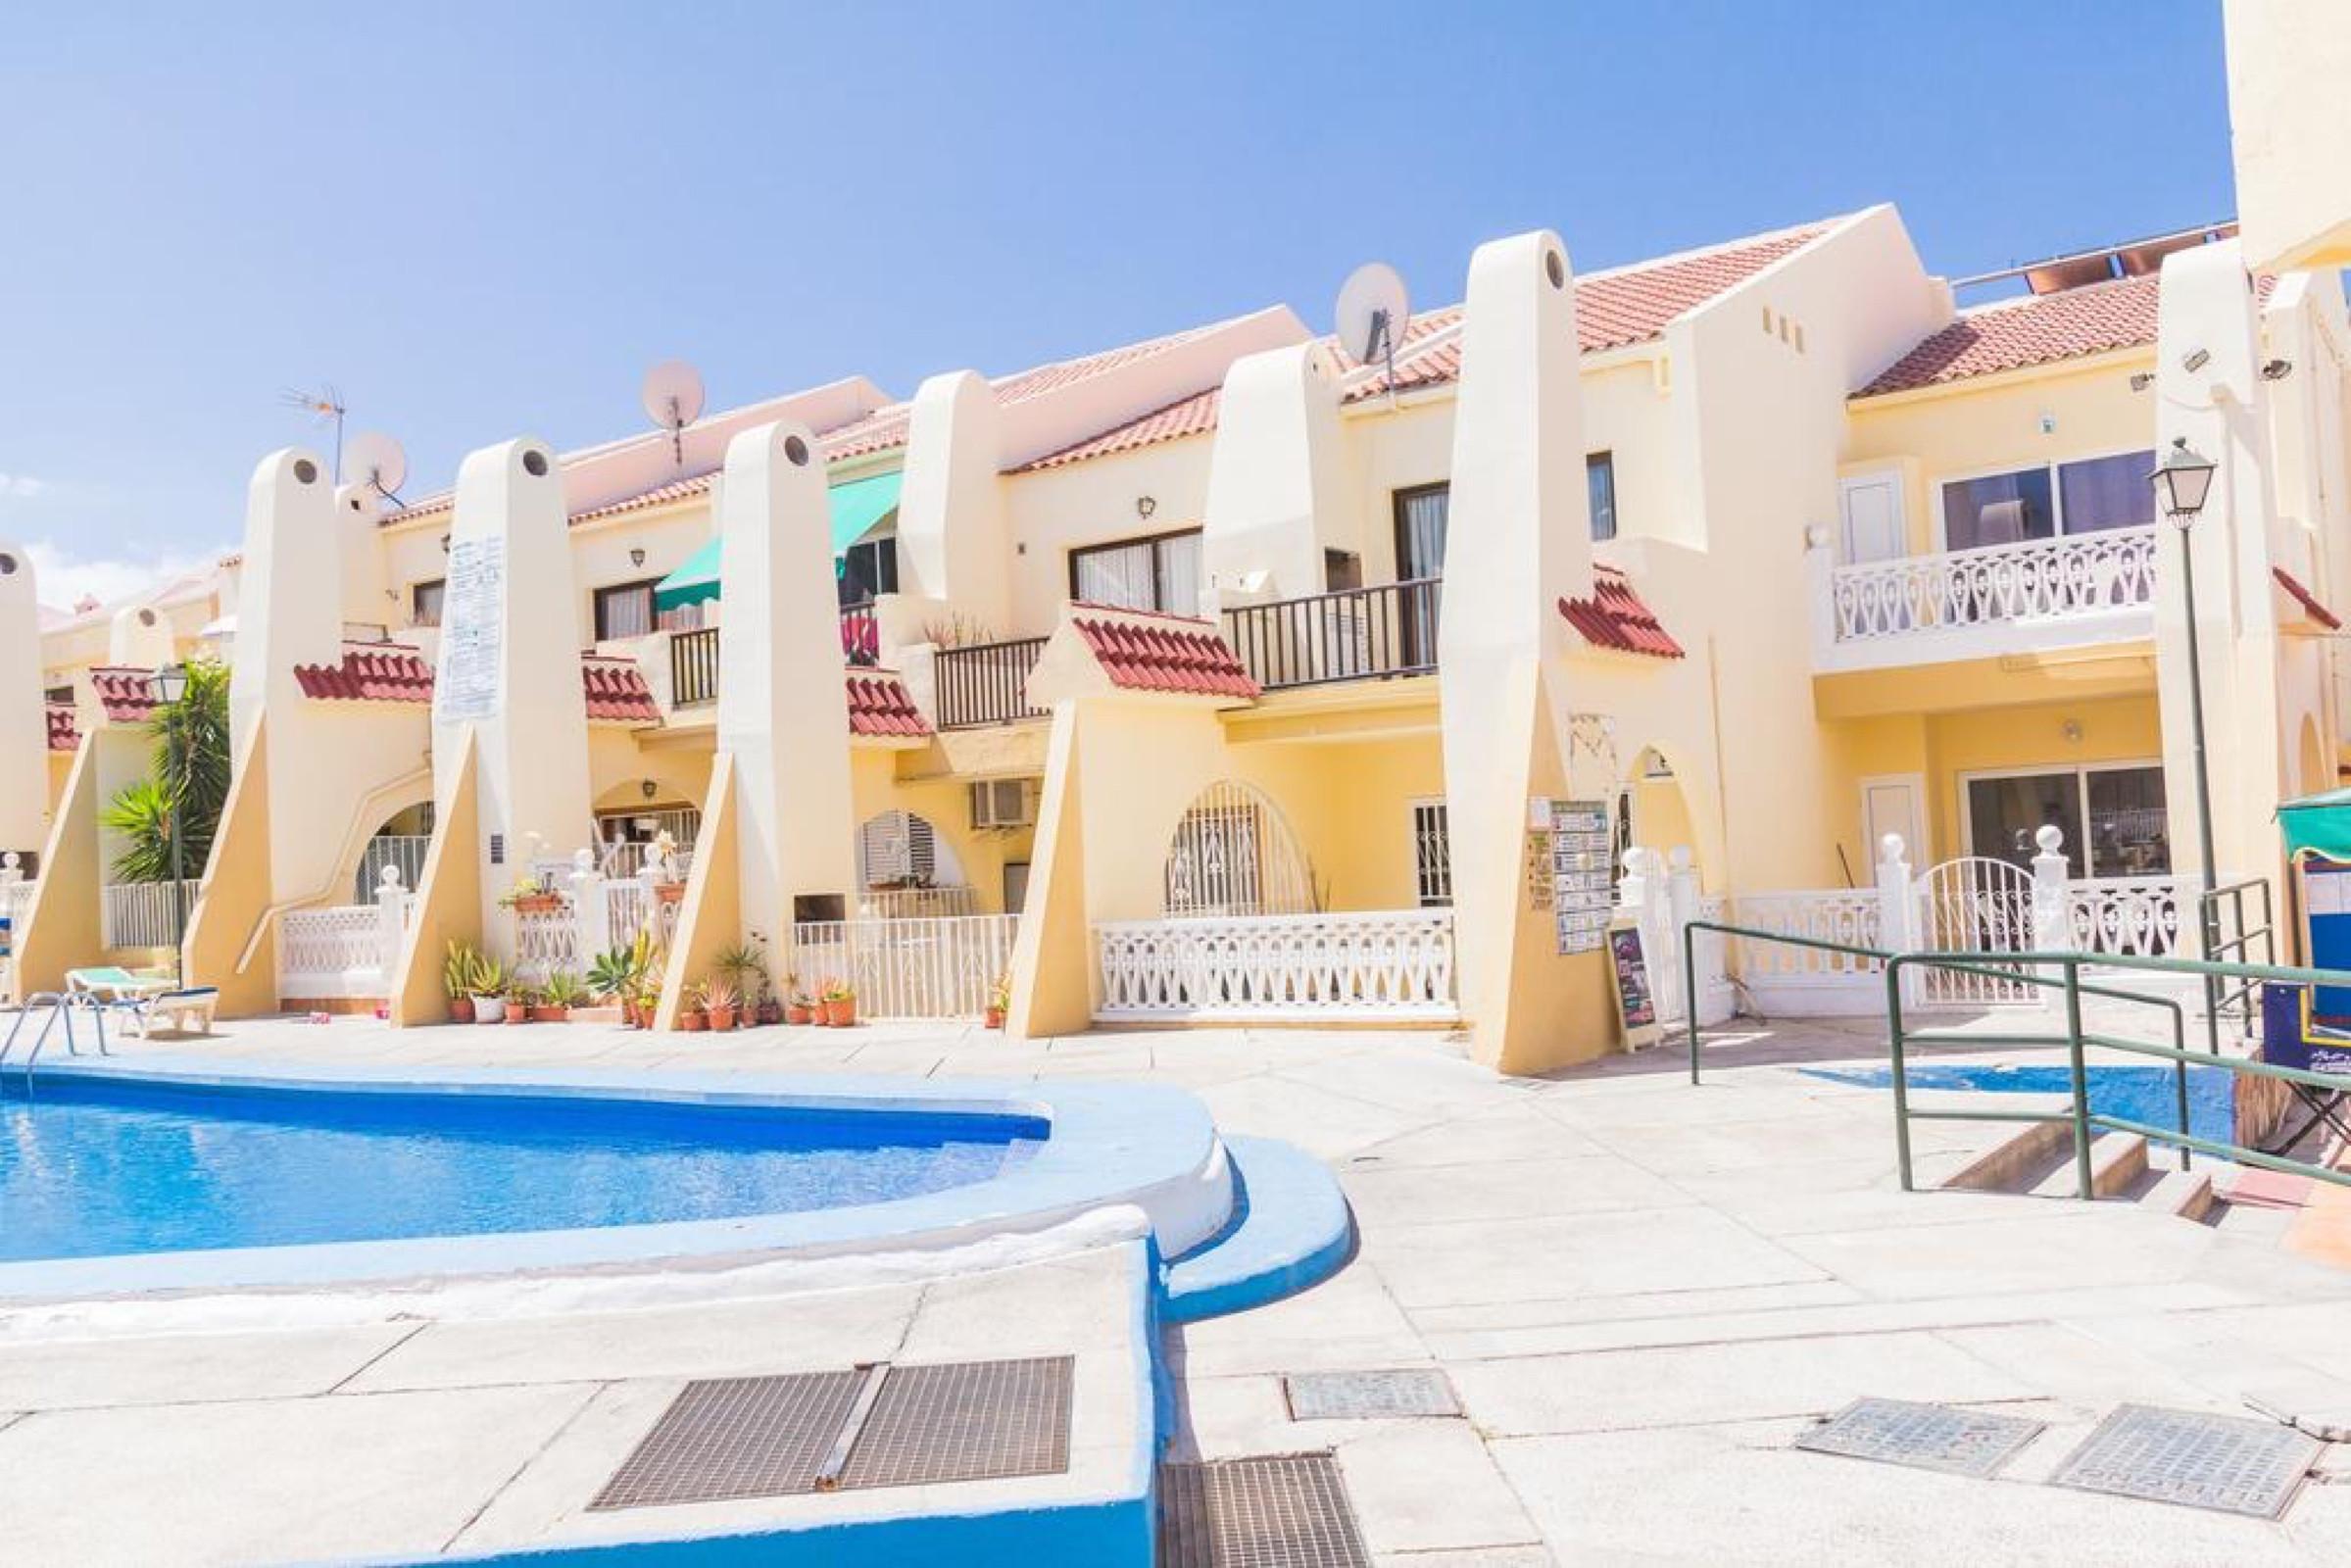 Apartamentos en playa de las americas cozy estudio mareverde - Apartamentos baratos playa de las americas ...